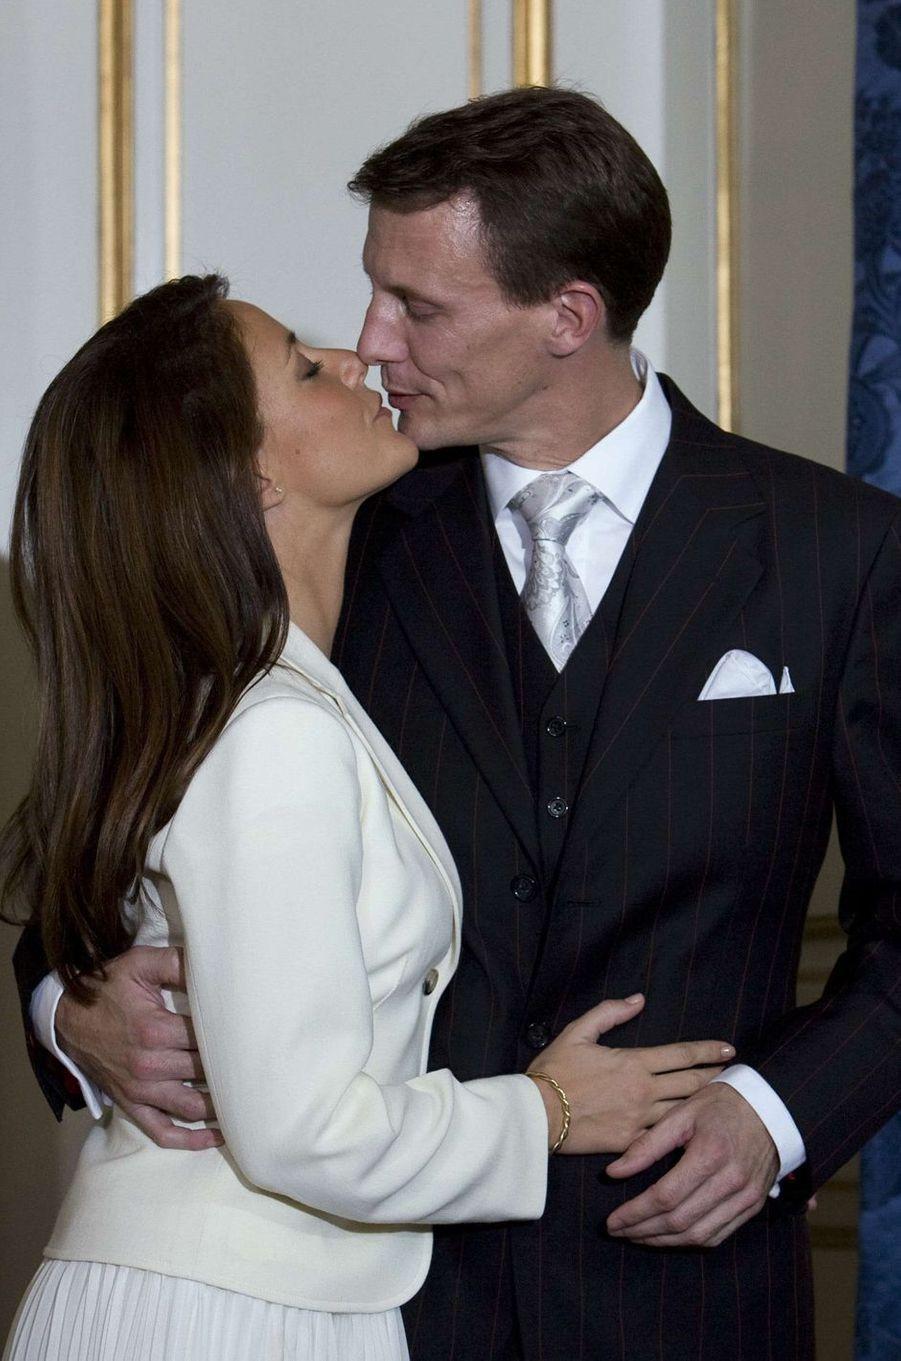 Marie Cavallier avec le prince Joachim de Danemark sur l'une des photos de leurs fiançailles, le 3 octobre 2007